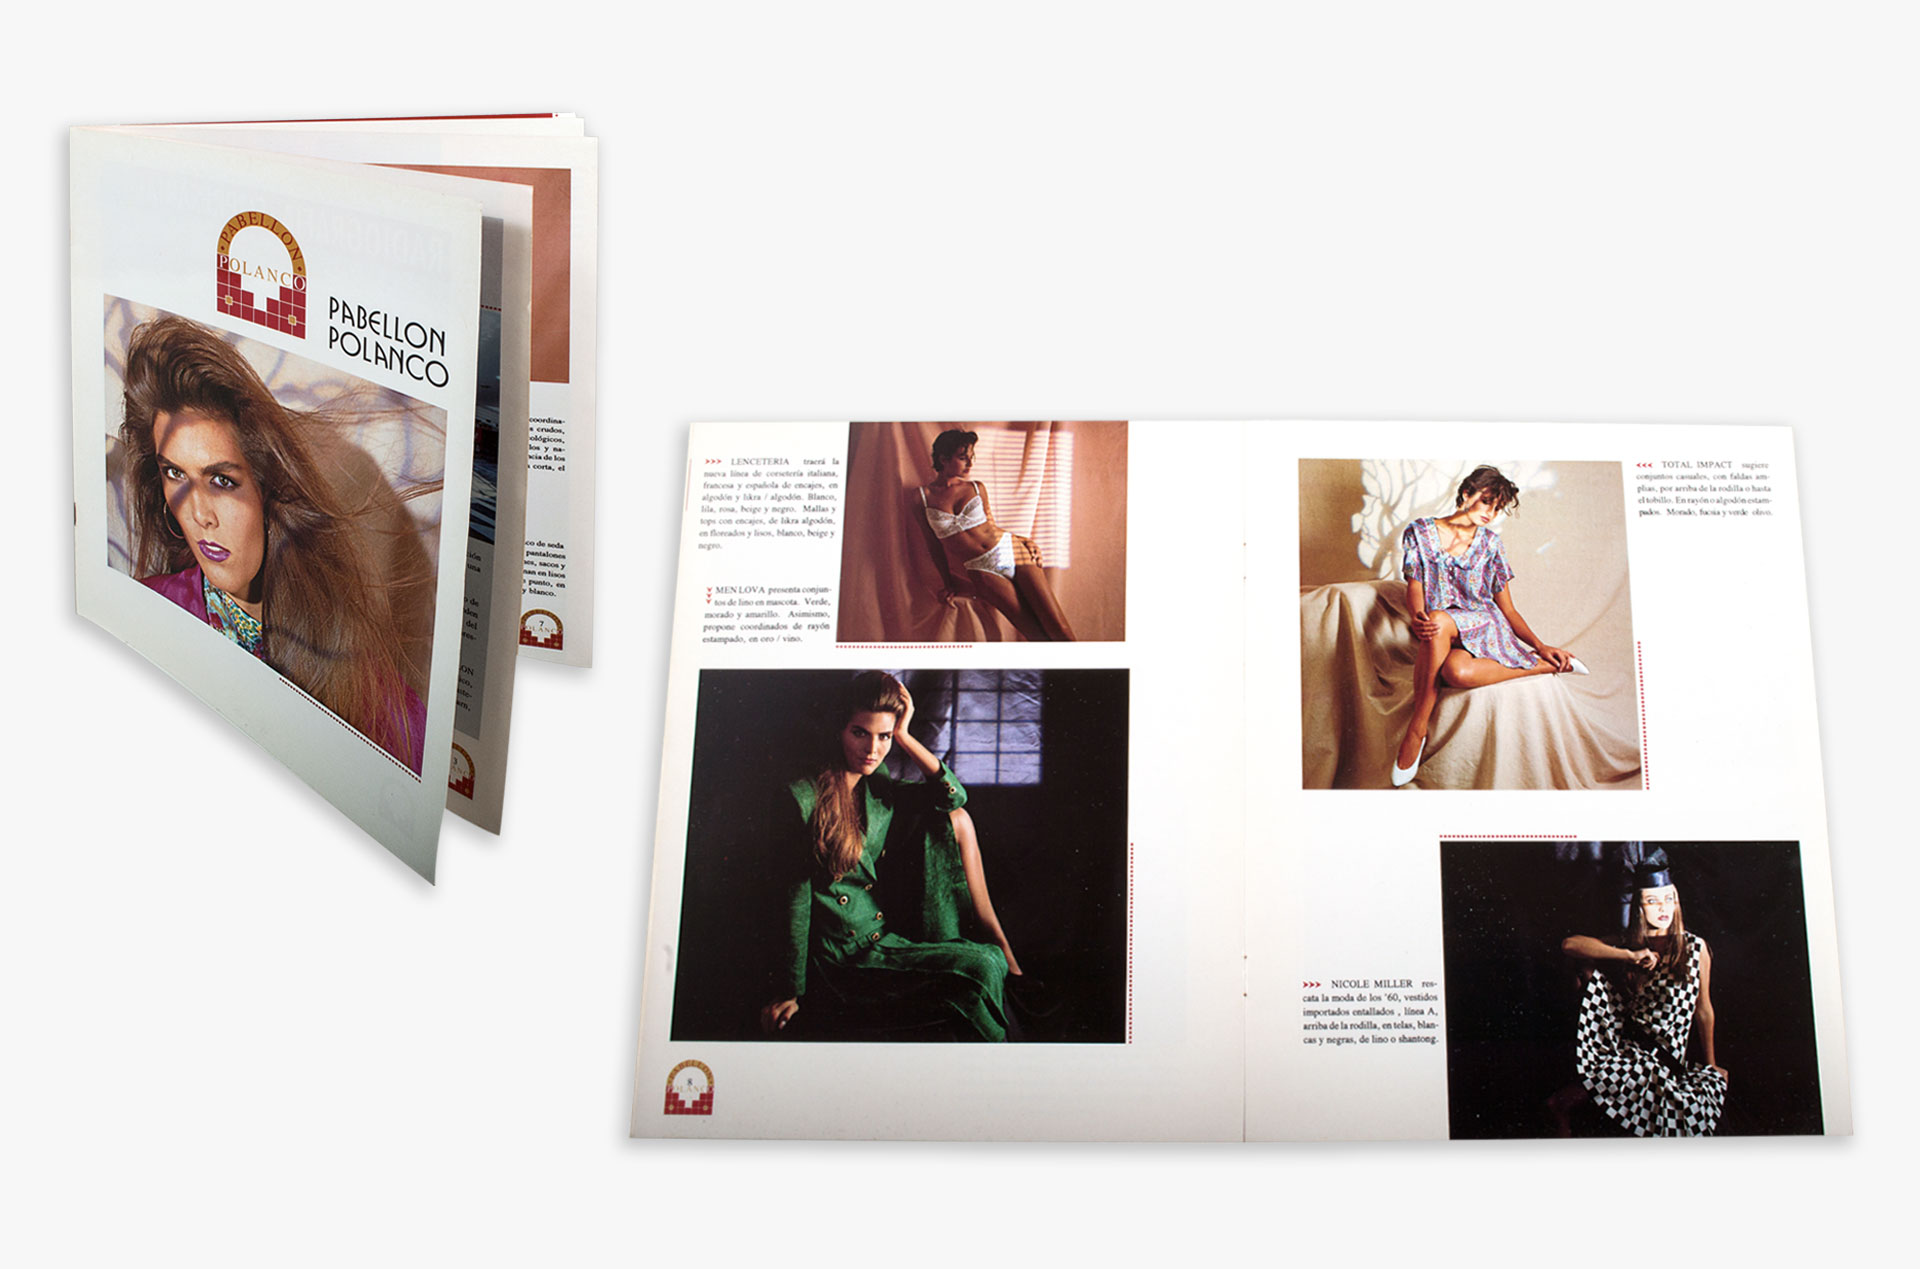 Primera edición de Catálogo Pabellón Polanco